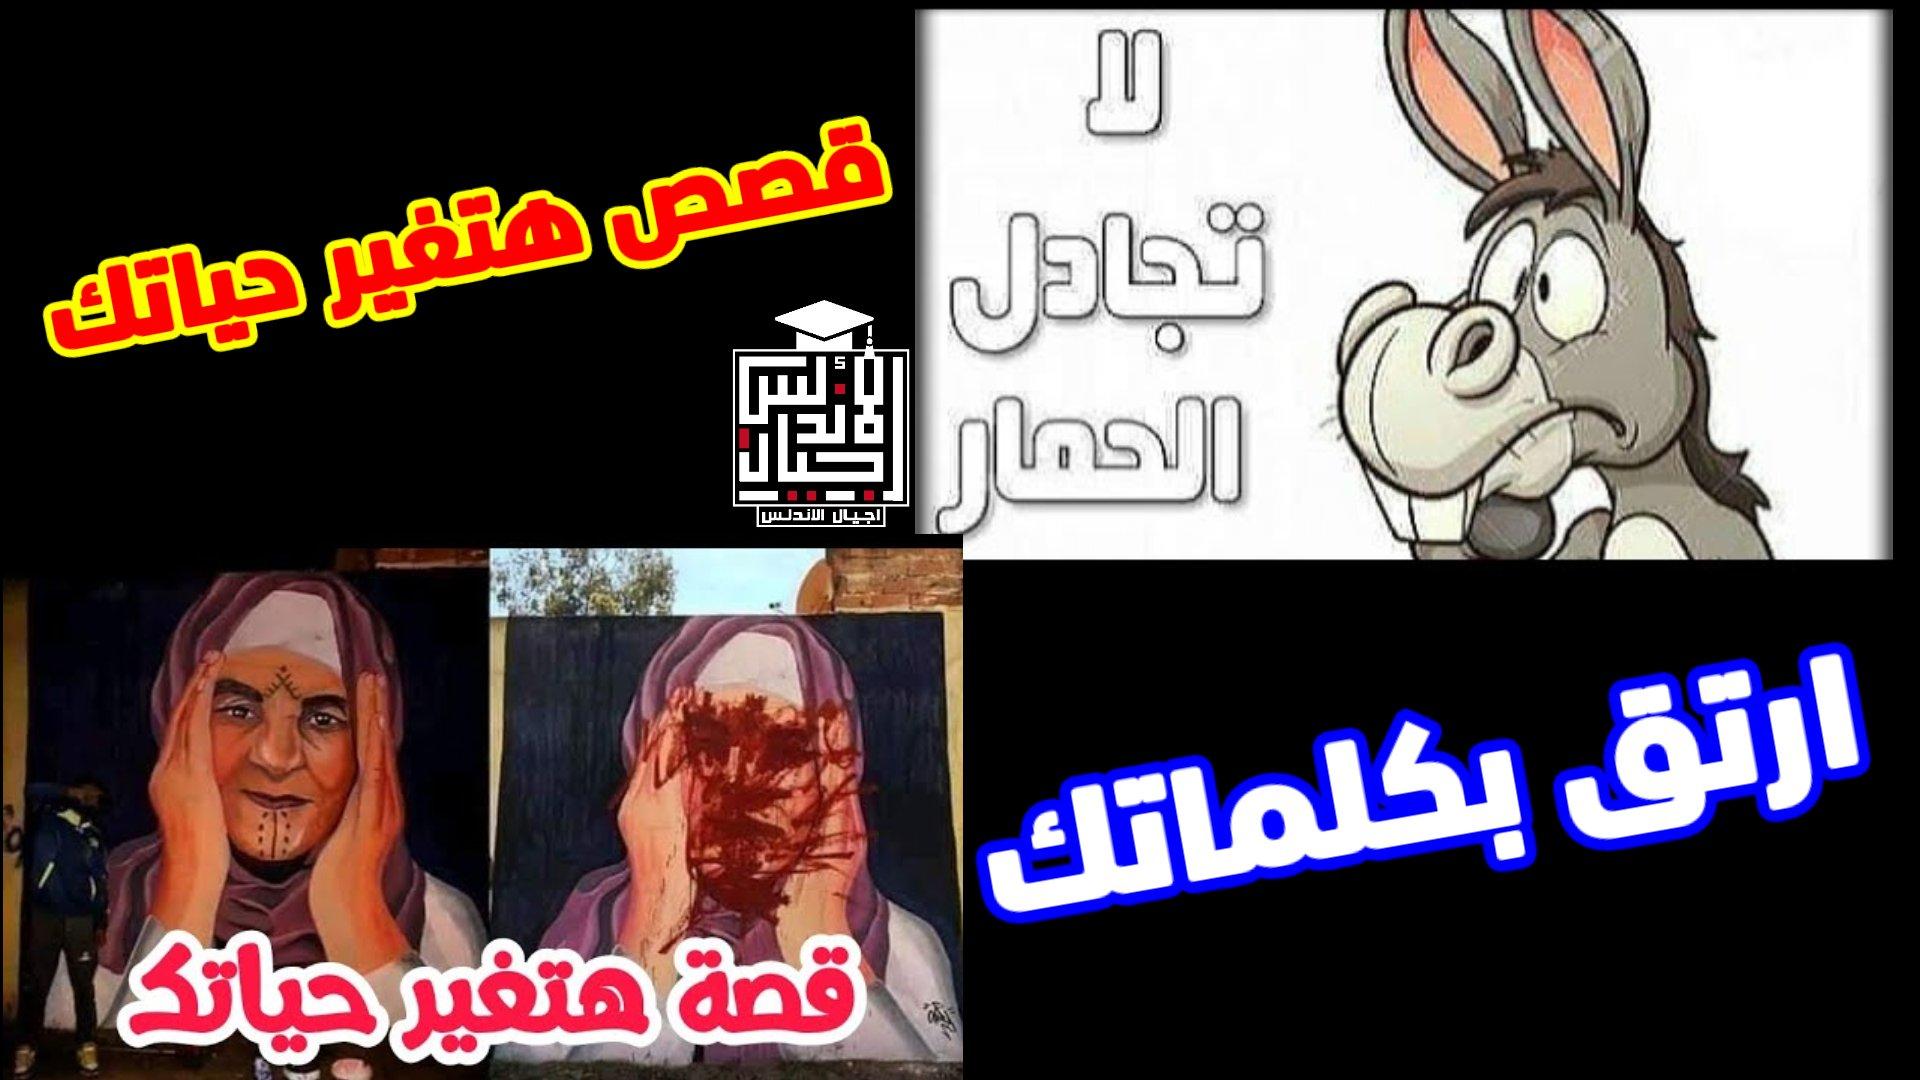 قصص واقعيه - لاتجادل الحمار قصه هتغير حياتك - اجيال الاندلس